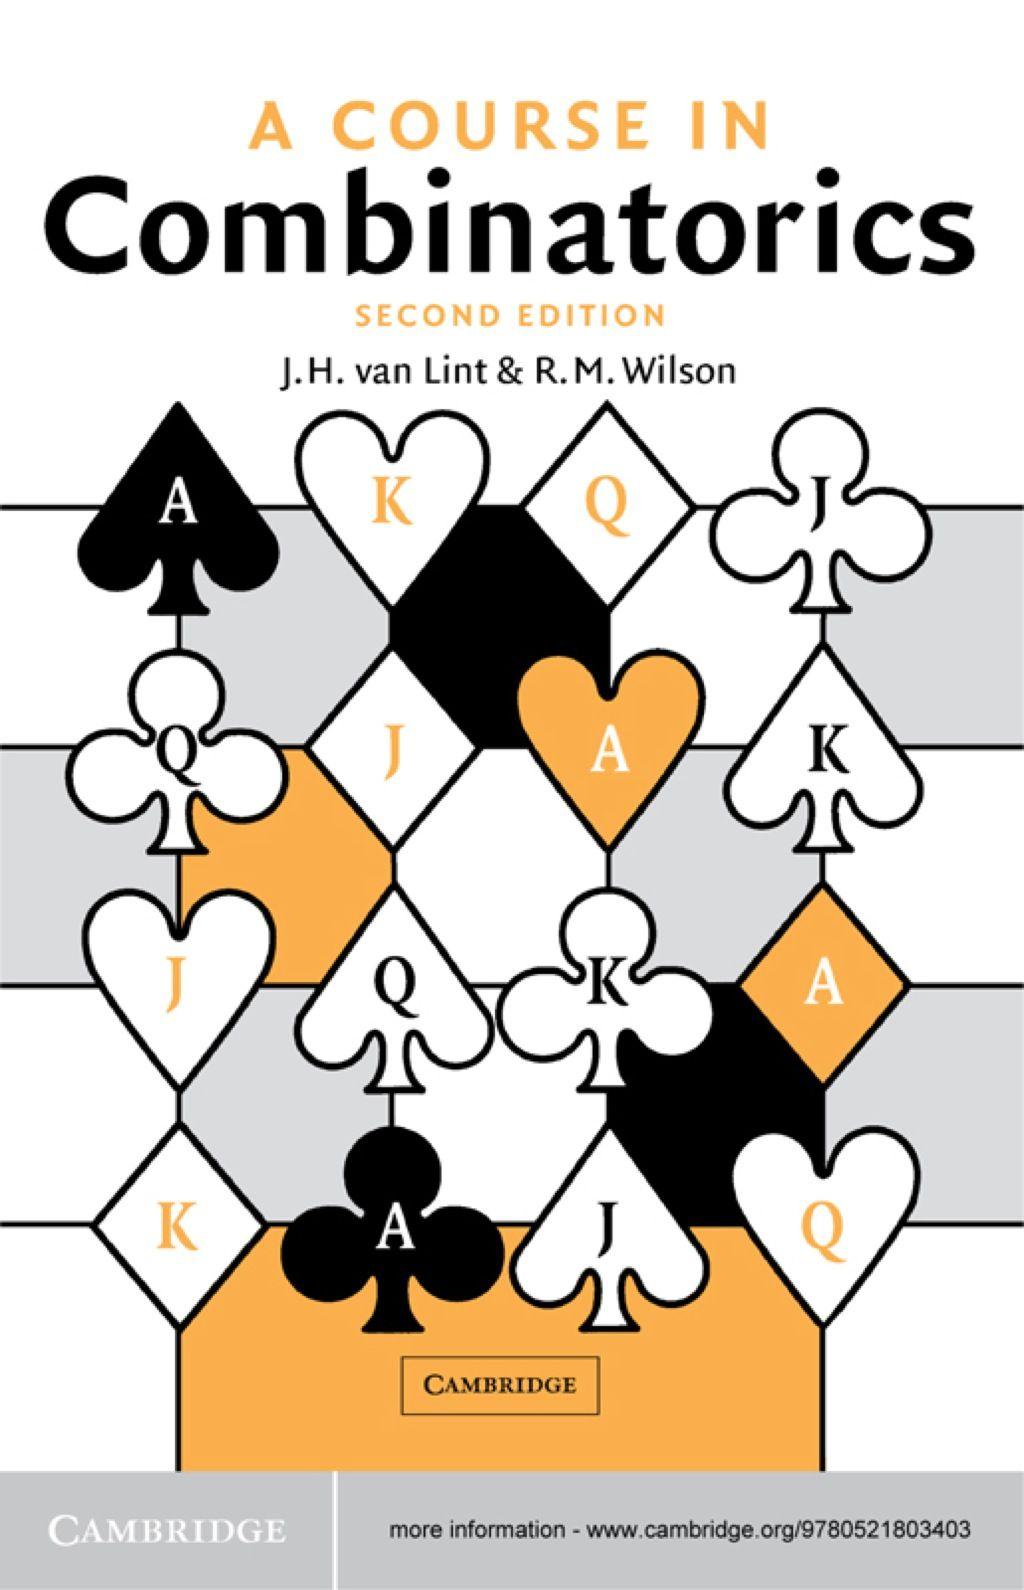 A Course In Combinatorics Ebook